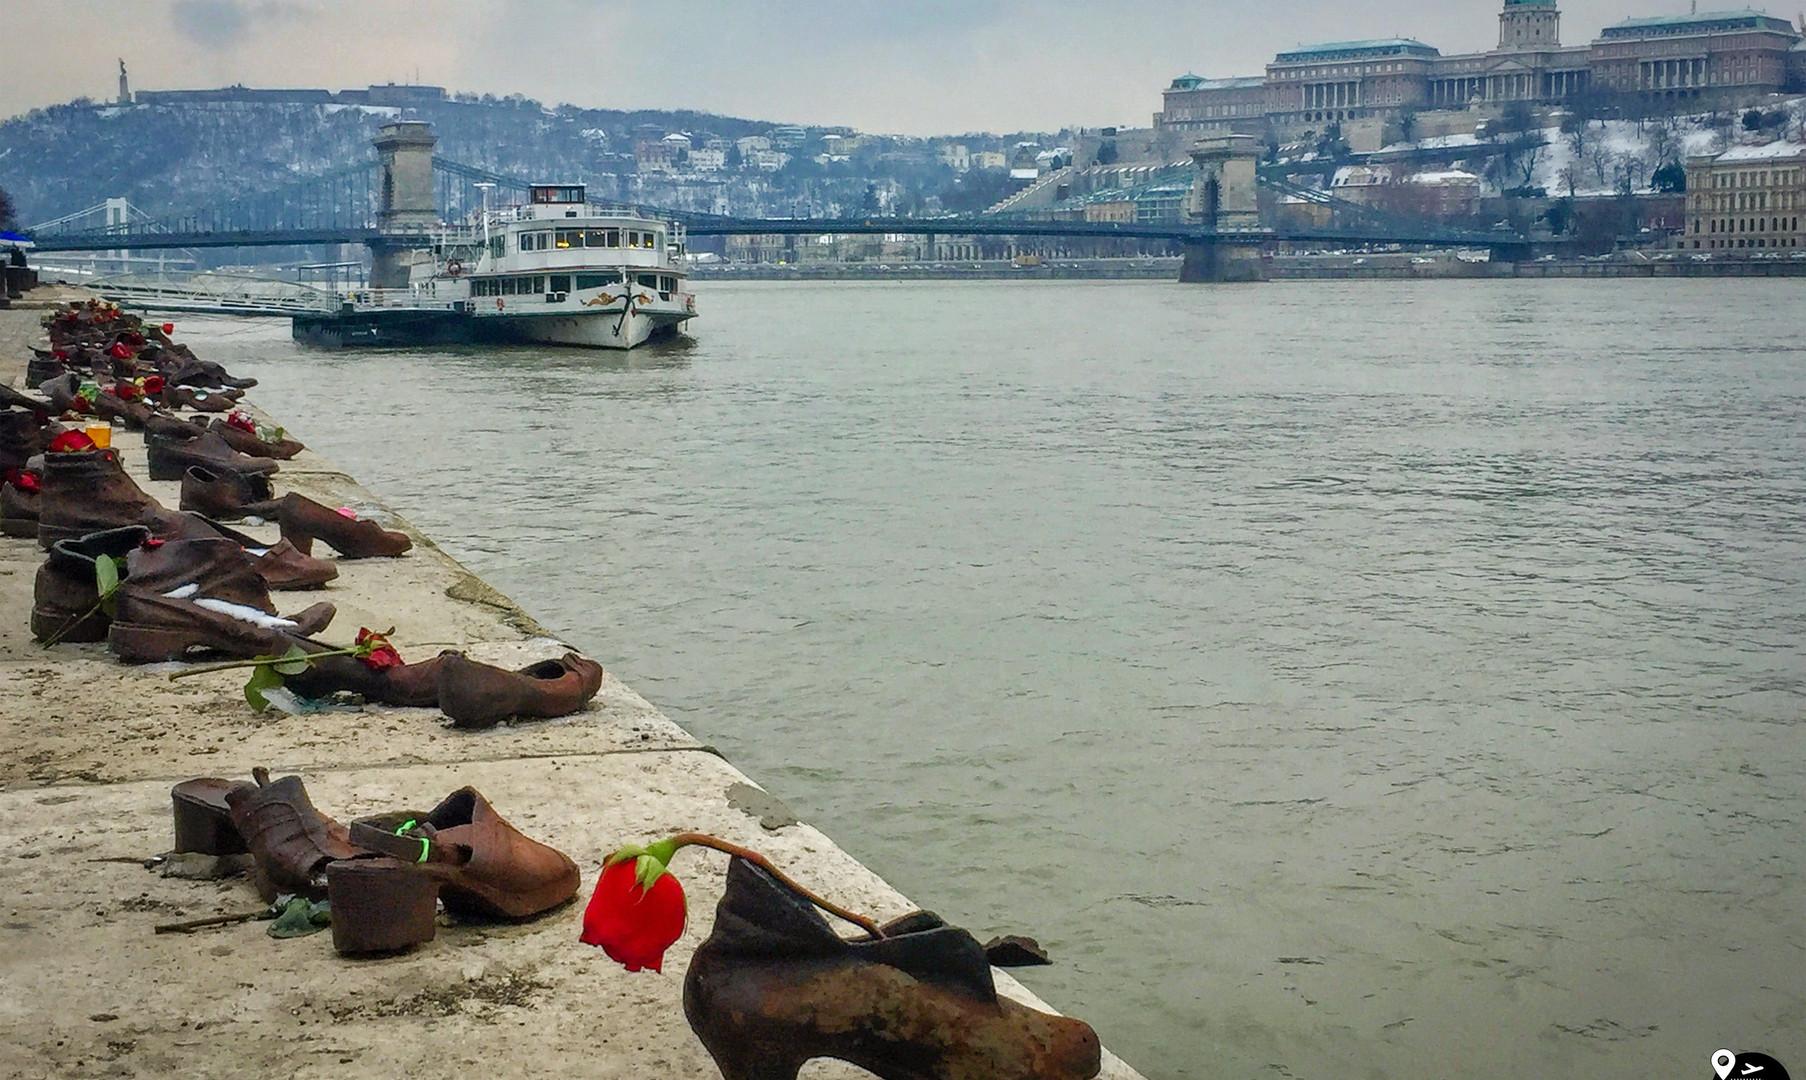 Туфли на набережной Дуная, Будапешт